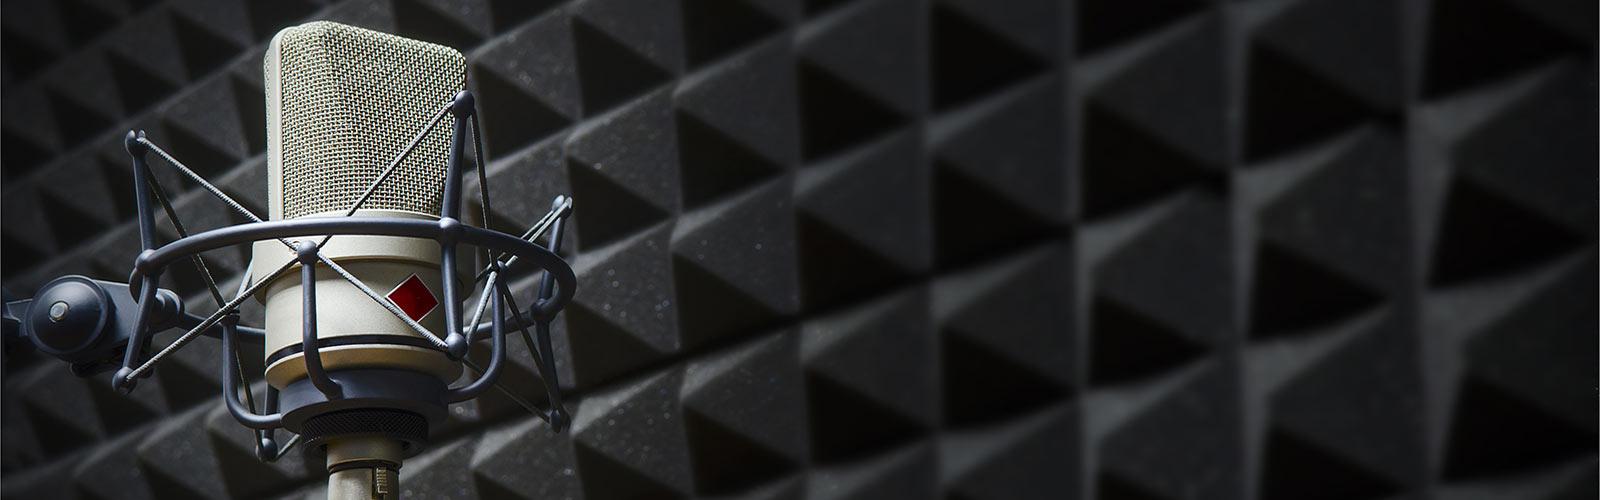 Speakeraggi - Riccardo Lavezzo Produzioni video